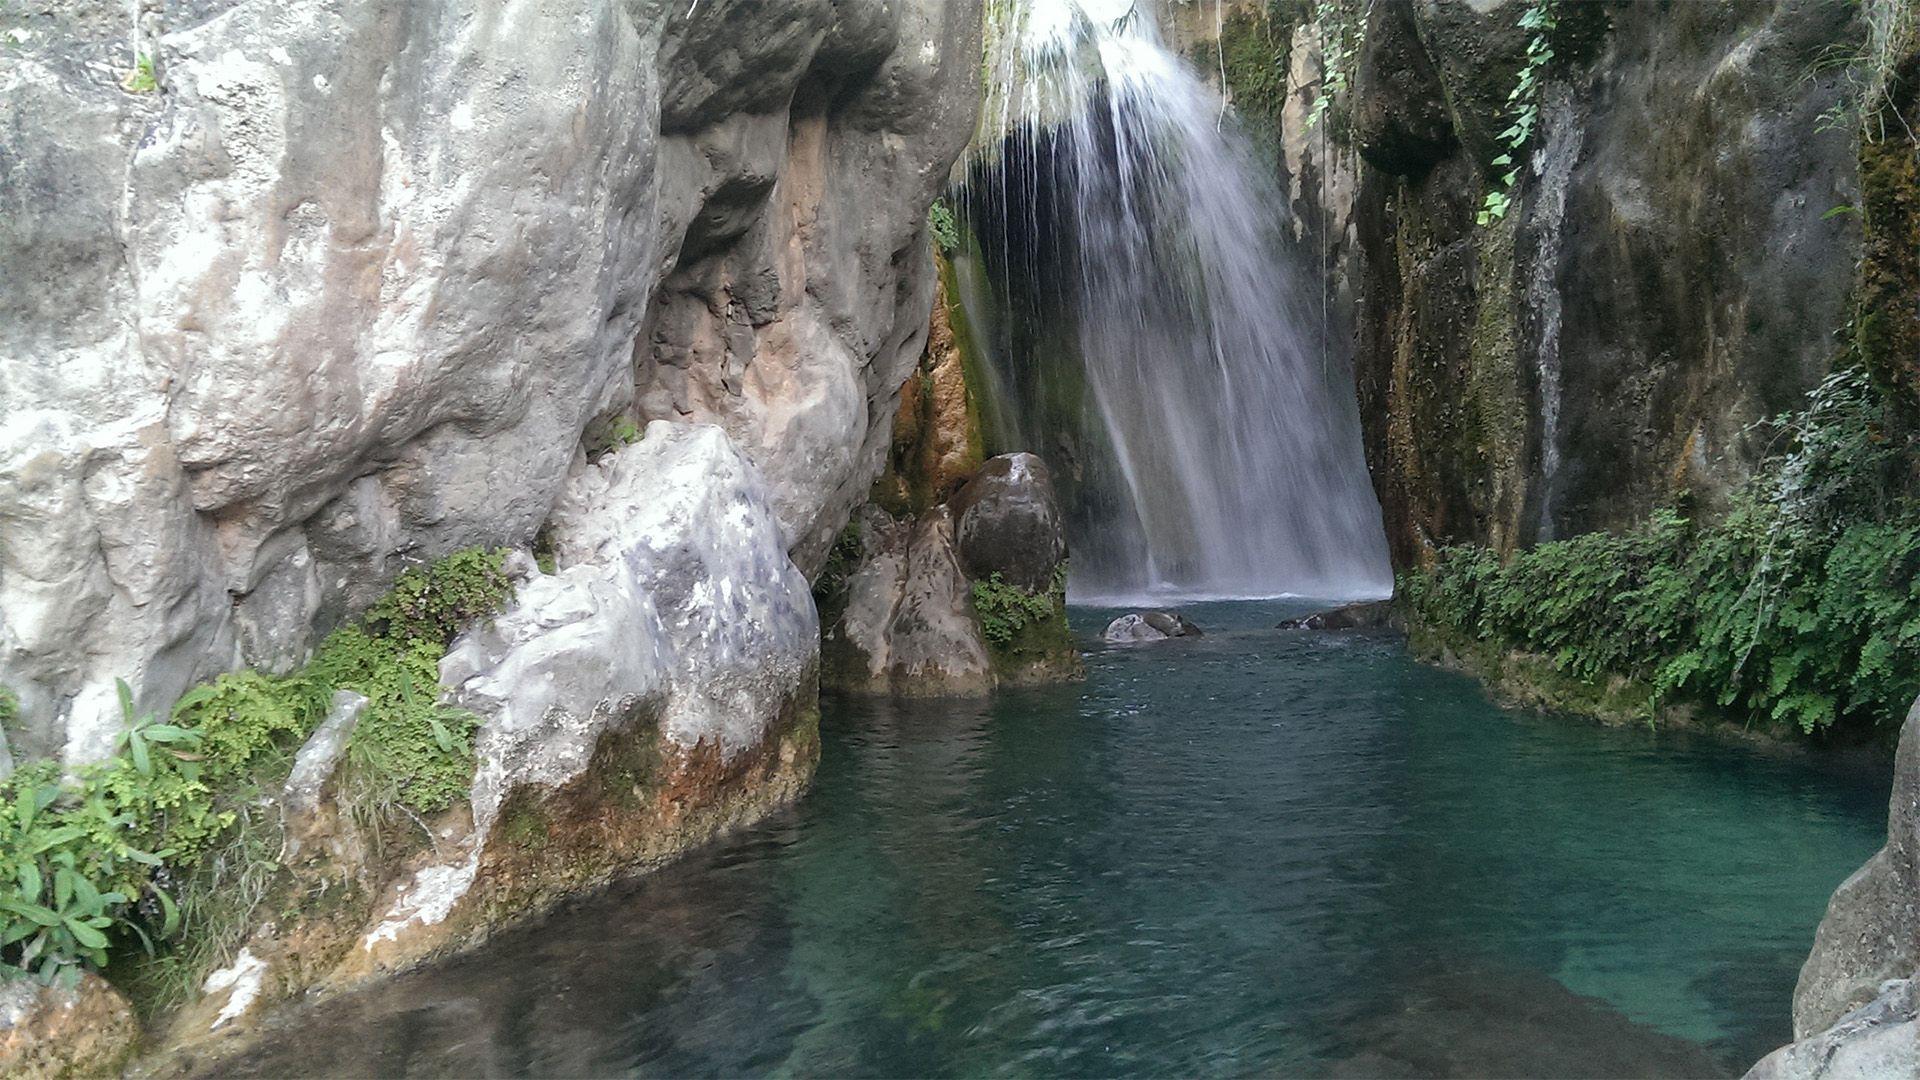 Alicante ecotourism, parks, gardens and beaches